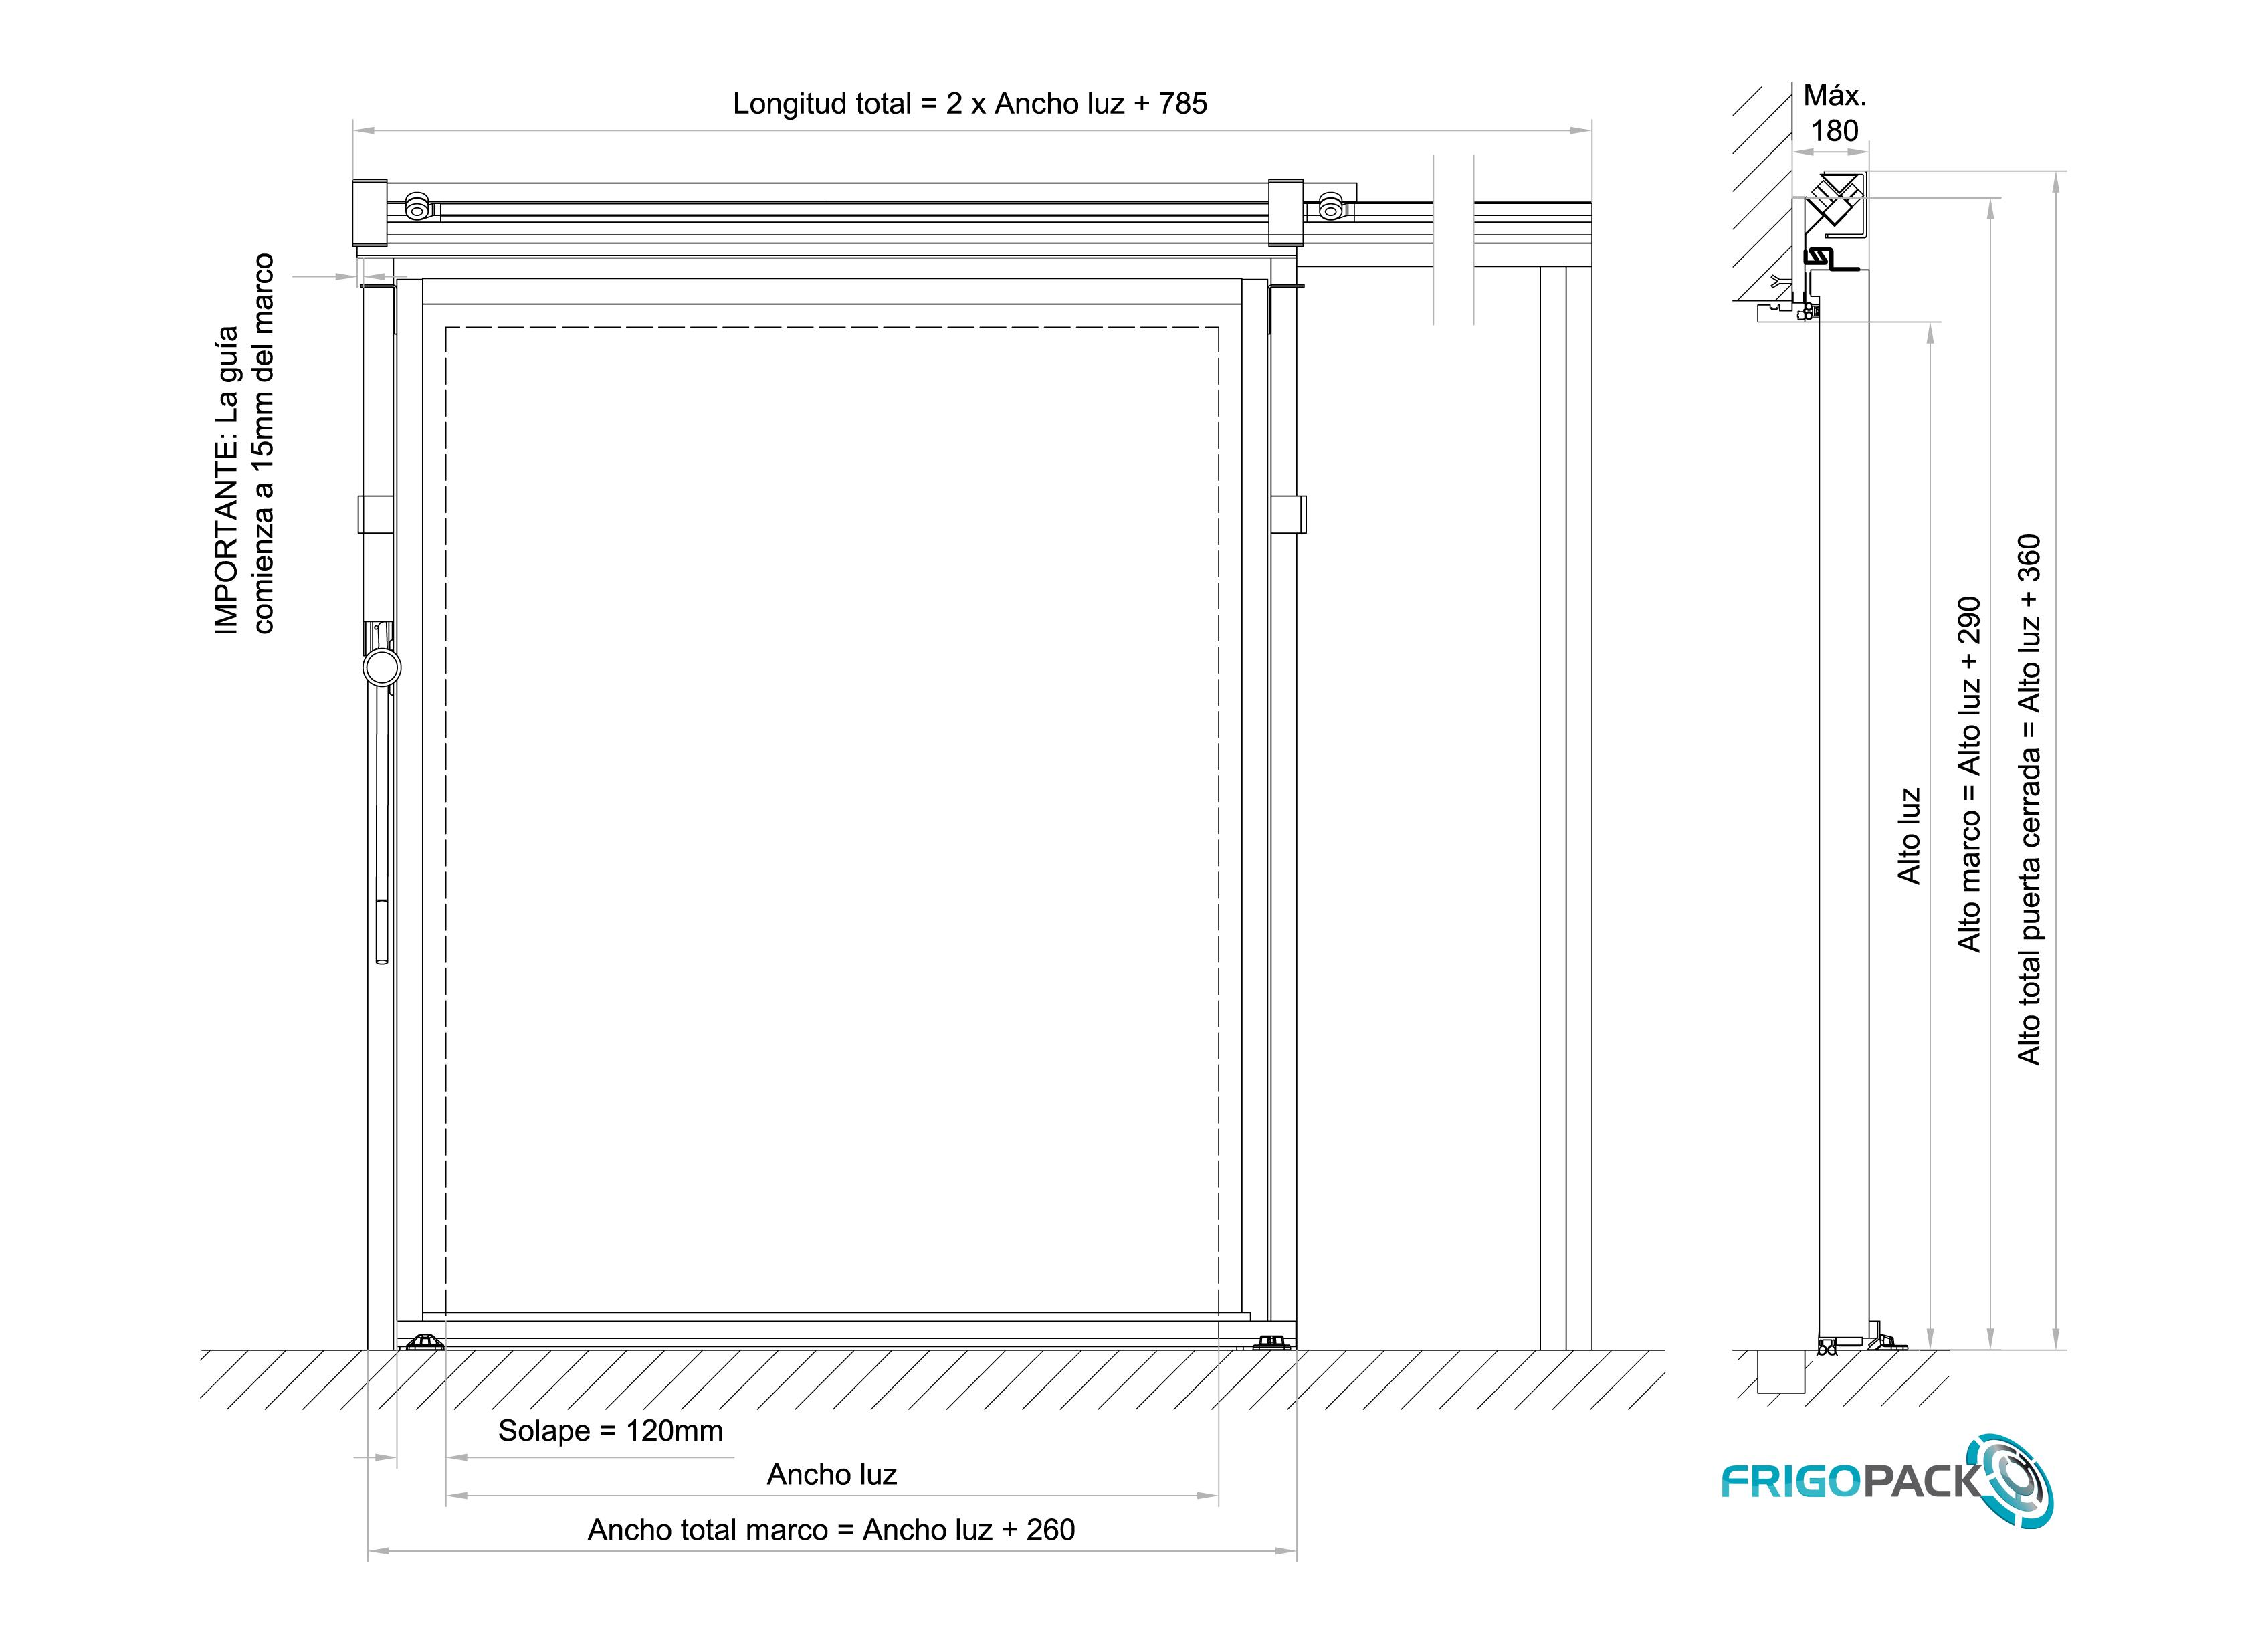 Puertas frigoríficas - Portes frigorifiques - Refrigeration doors